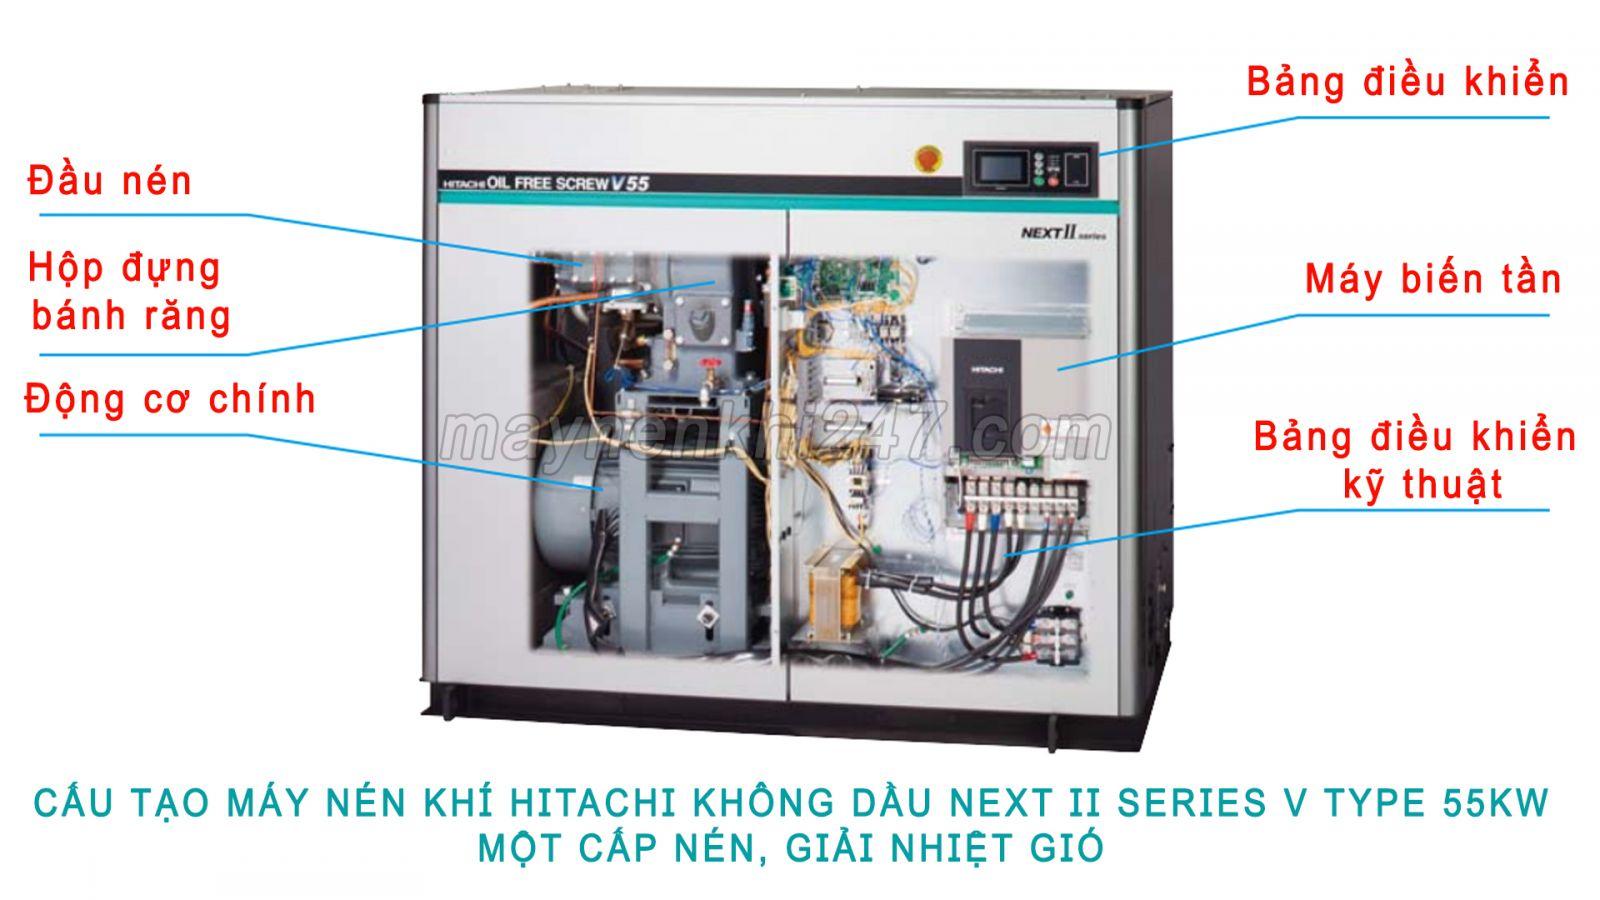 cau-tao-may-nen-khi-hitachi-khong-dau-55kw